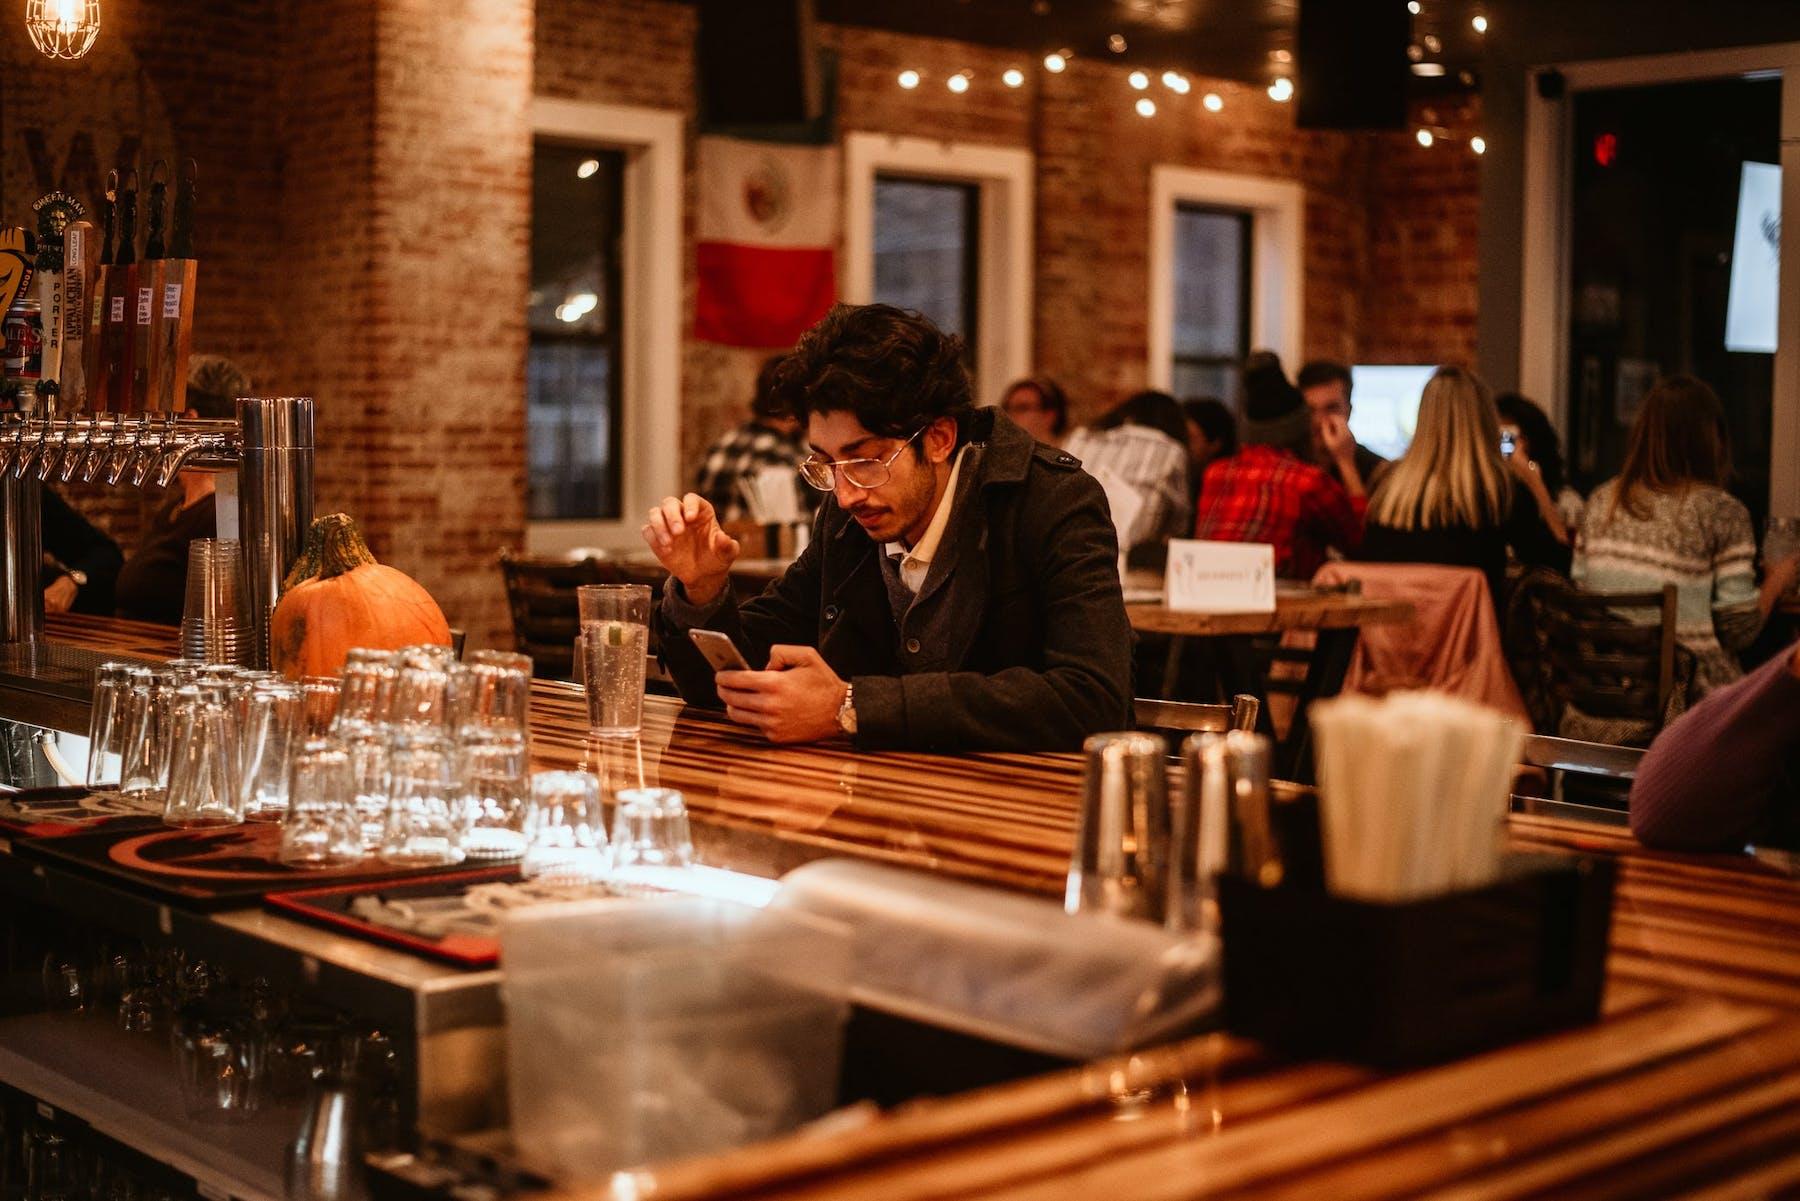 a man sitting at the bar